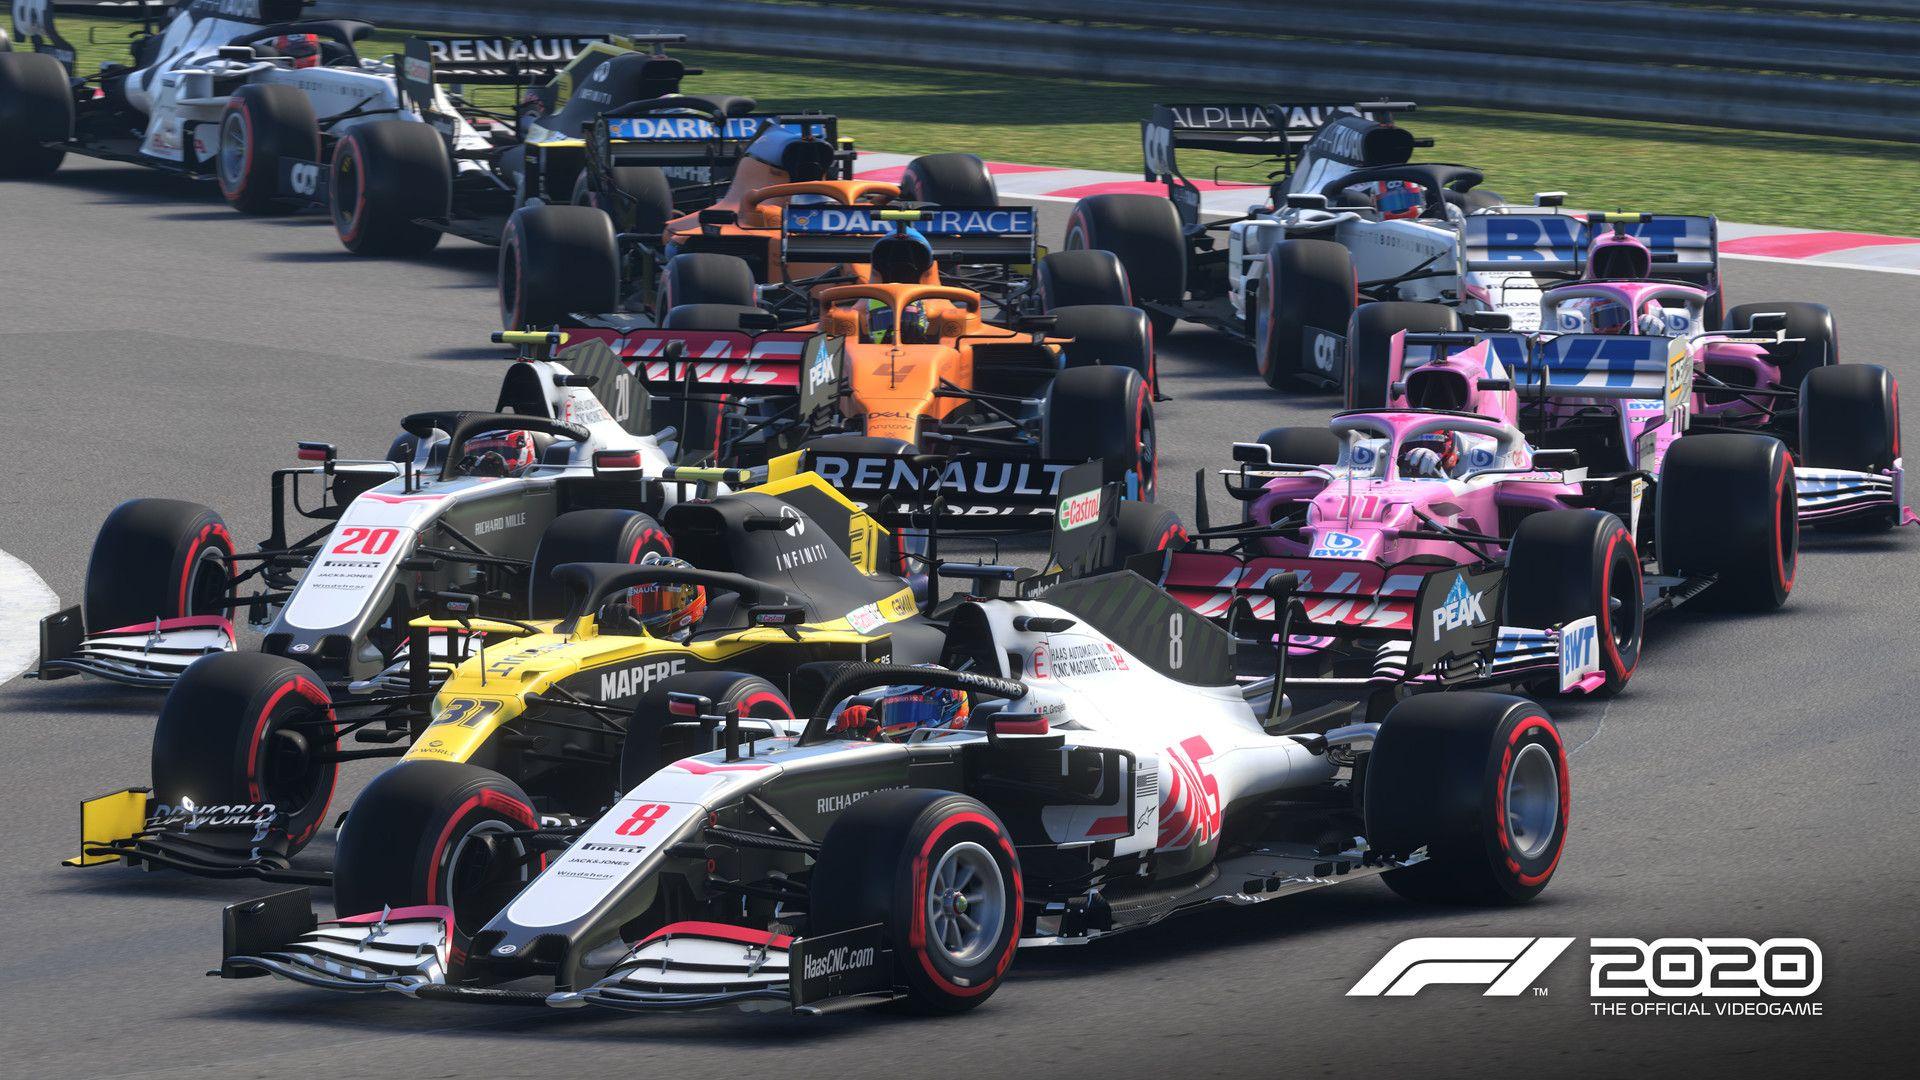 F120203.jpg